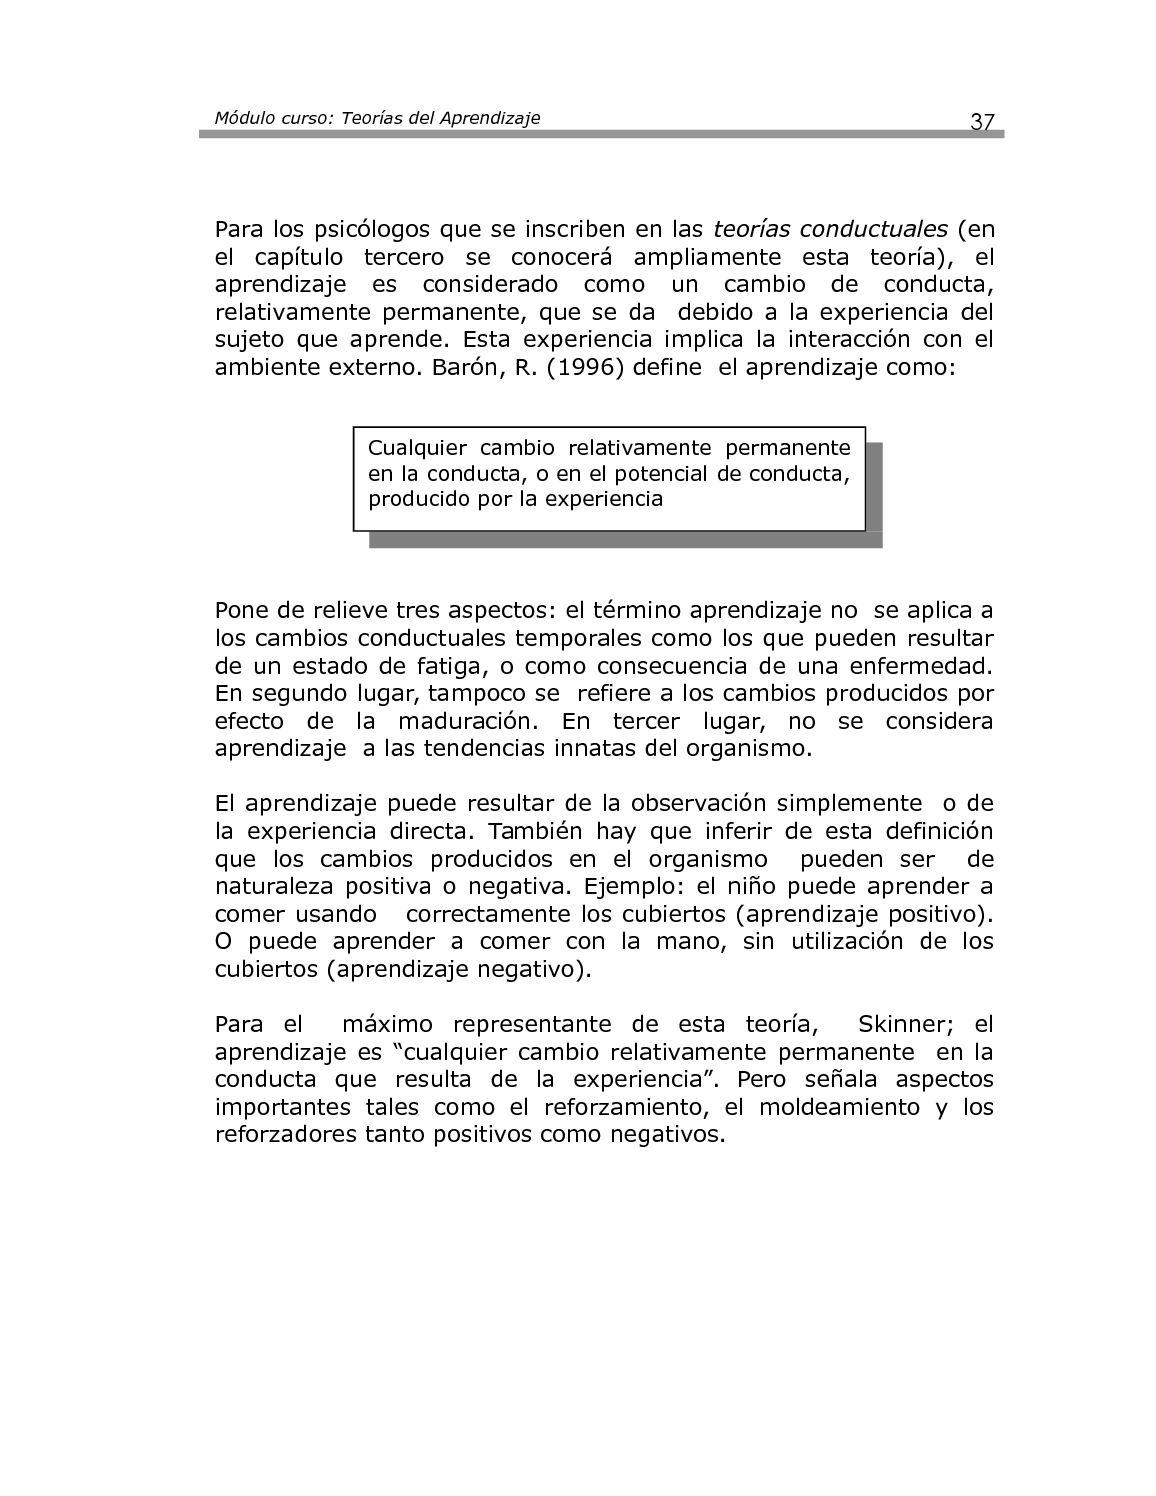 Modulo Teorías Del Aprendizaje Funlam Calameo Downloader